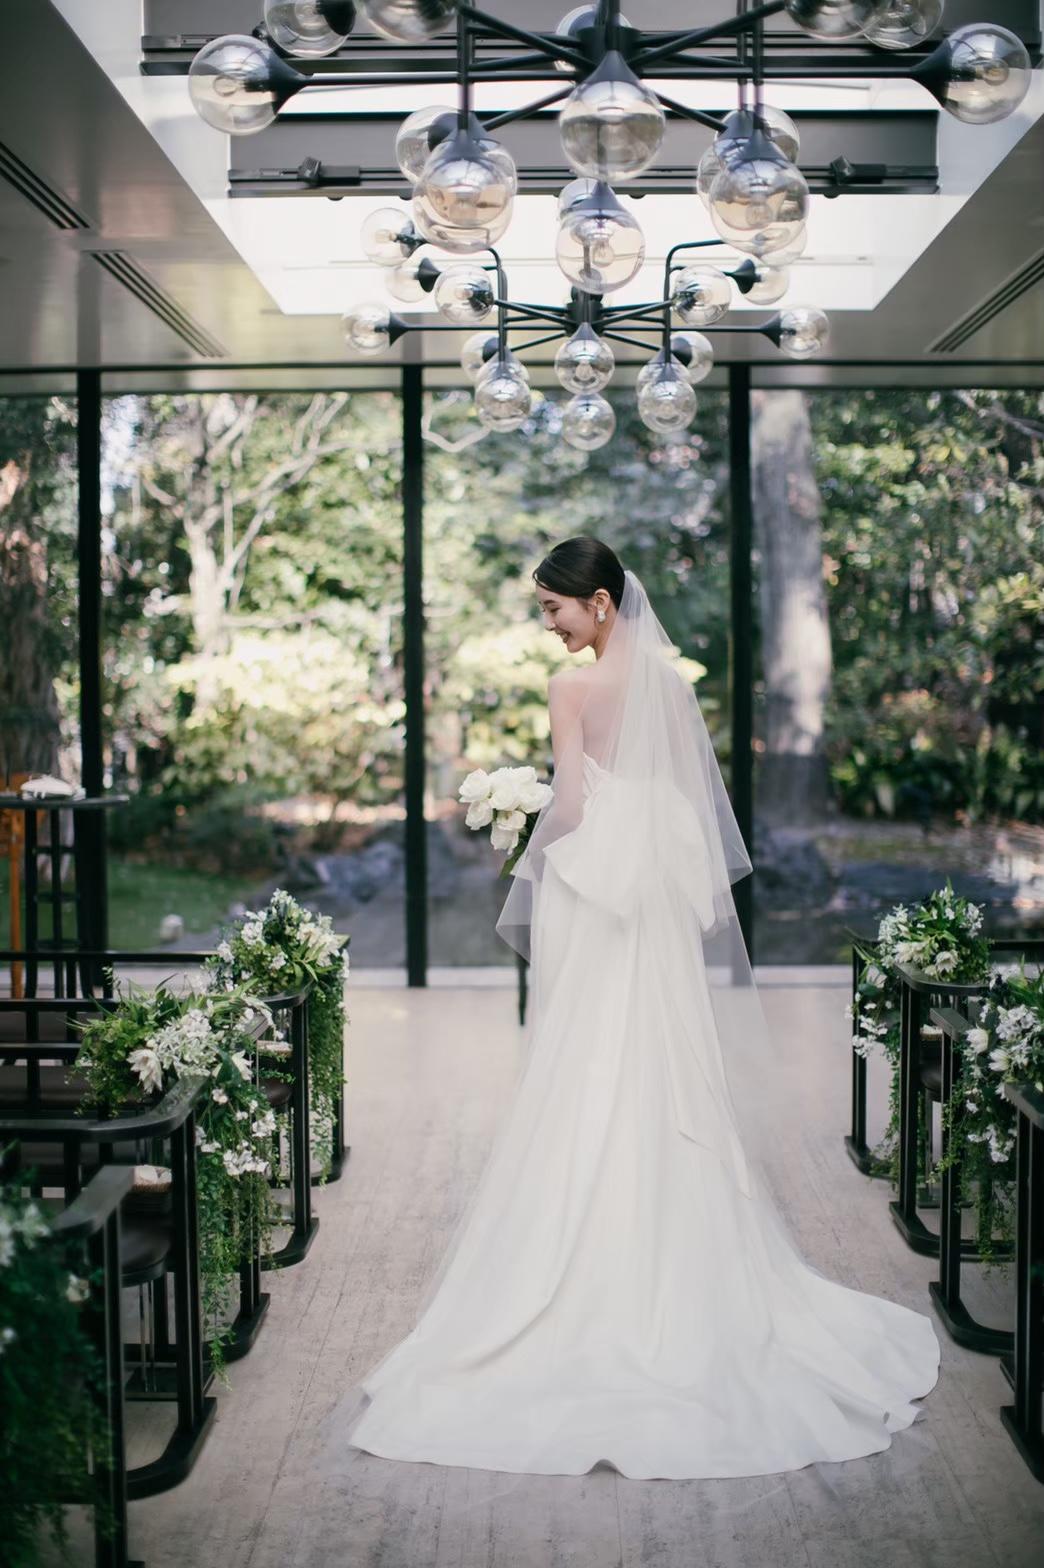 関西大阪にある、まるで森の中にいるかのような緑と自然が溢れるチャペルにてナチュラルな結婚式を。